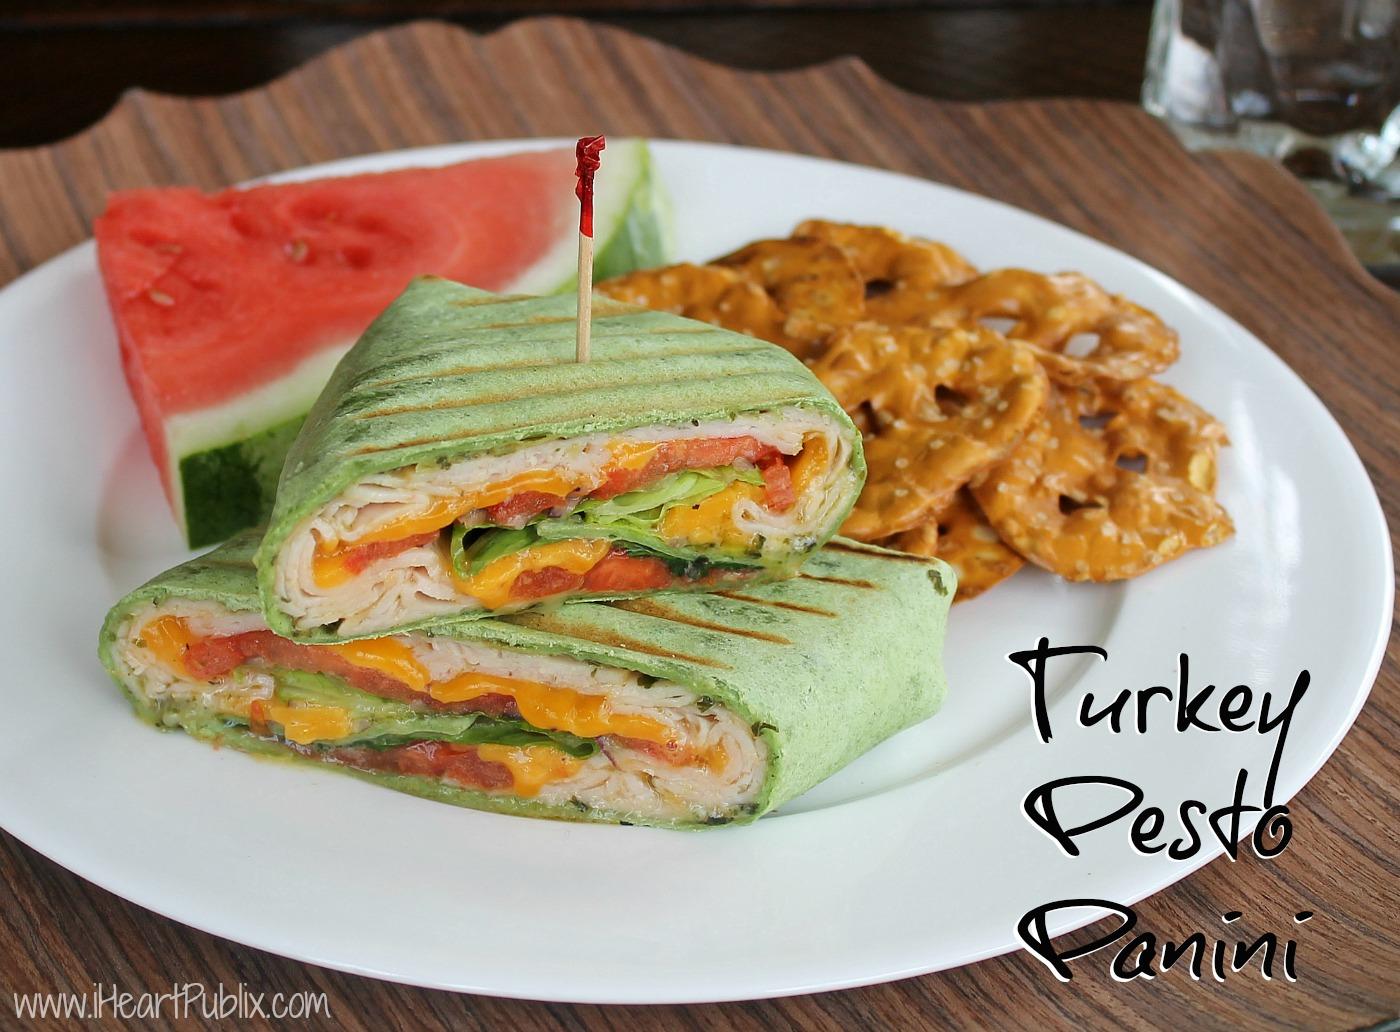 Turkey Pesto Panini copy